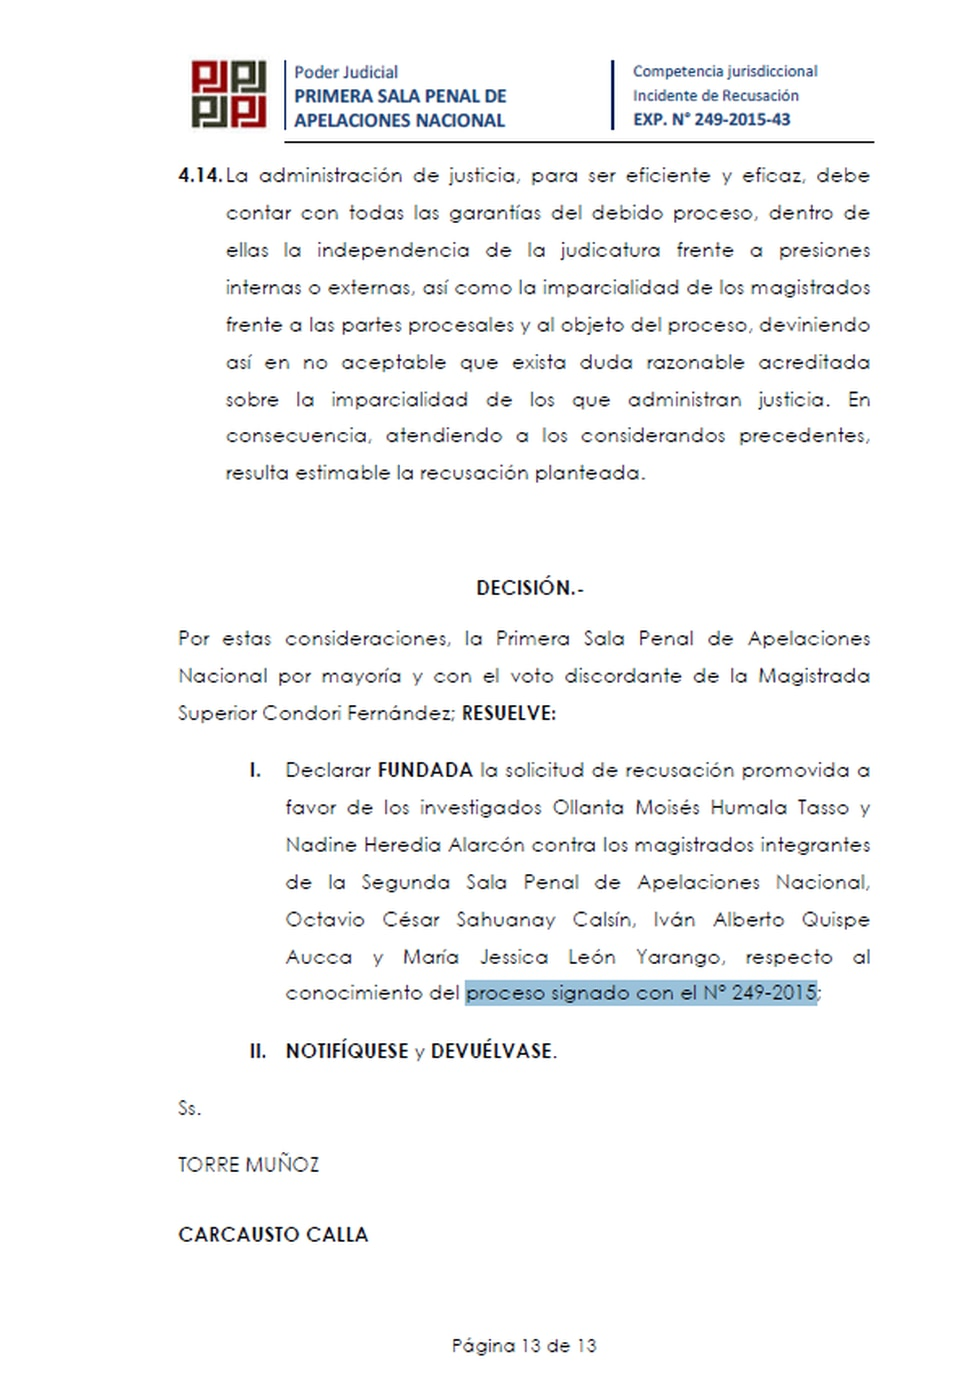 Resolución sobre la recusación a tres jueces de la Segunda Sala Penal de Apelaciones Nacional.